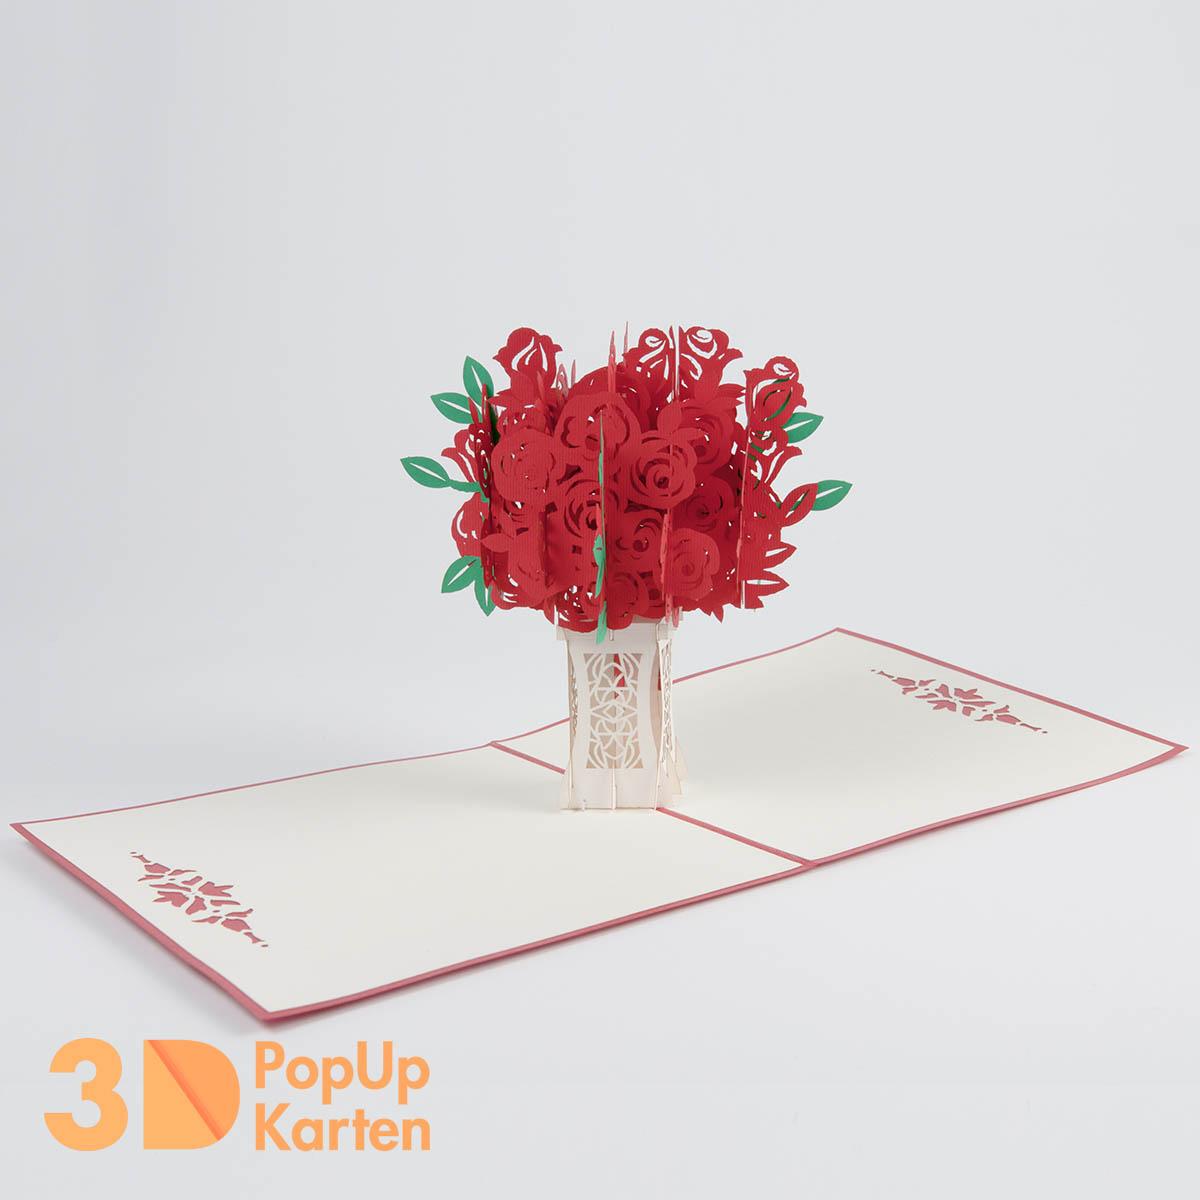 rosen im karton wo bekomme ich rosen in einer box freizeit blumen rosenstrau the rose delivery. Black Bedroom Furniture Sets. Home Design Ideas